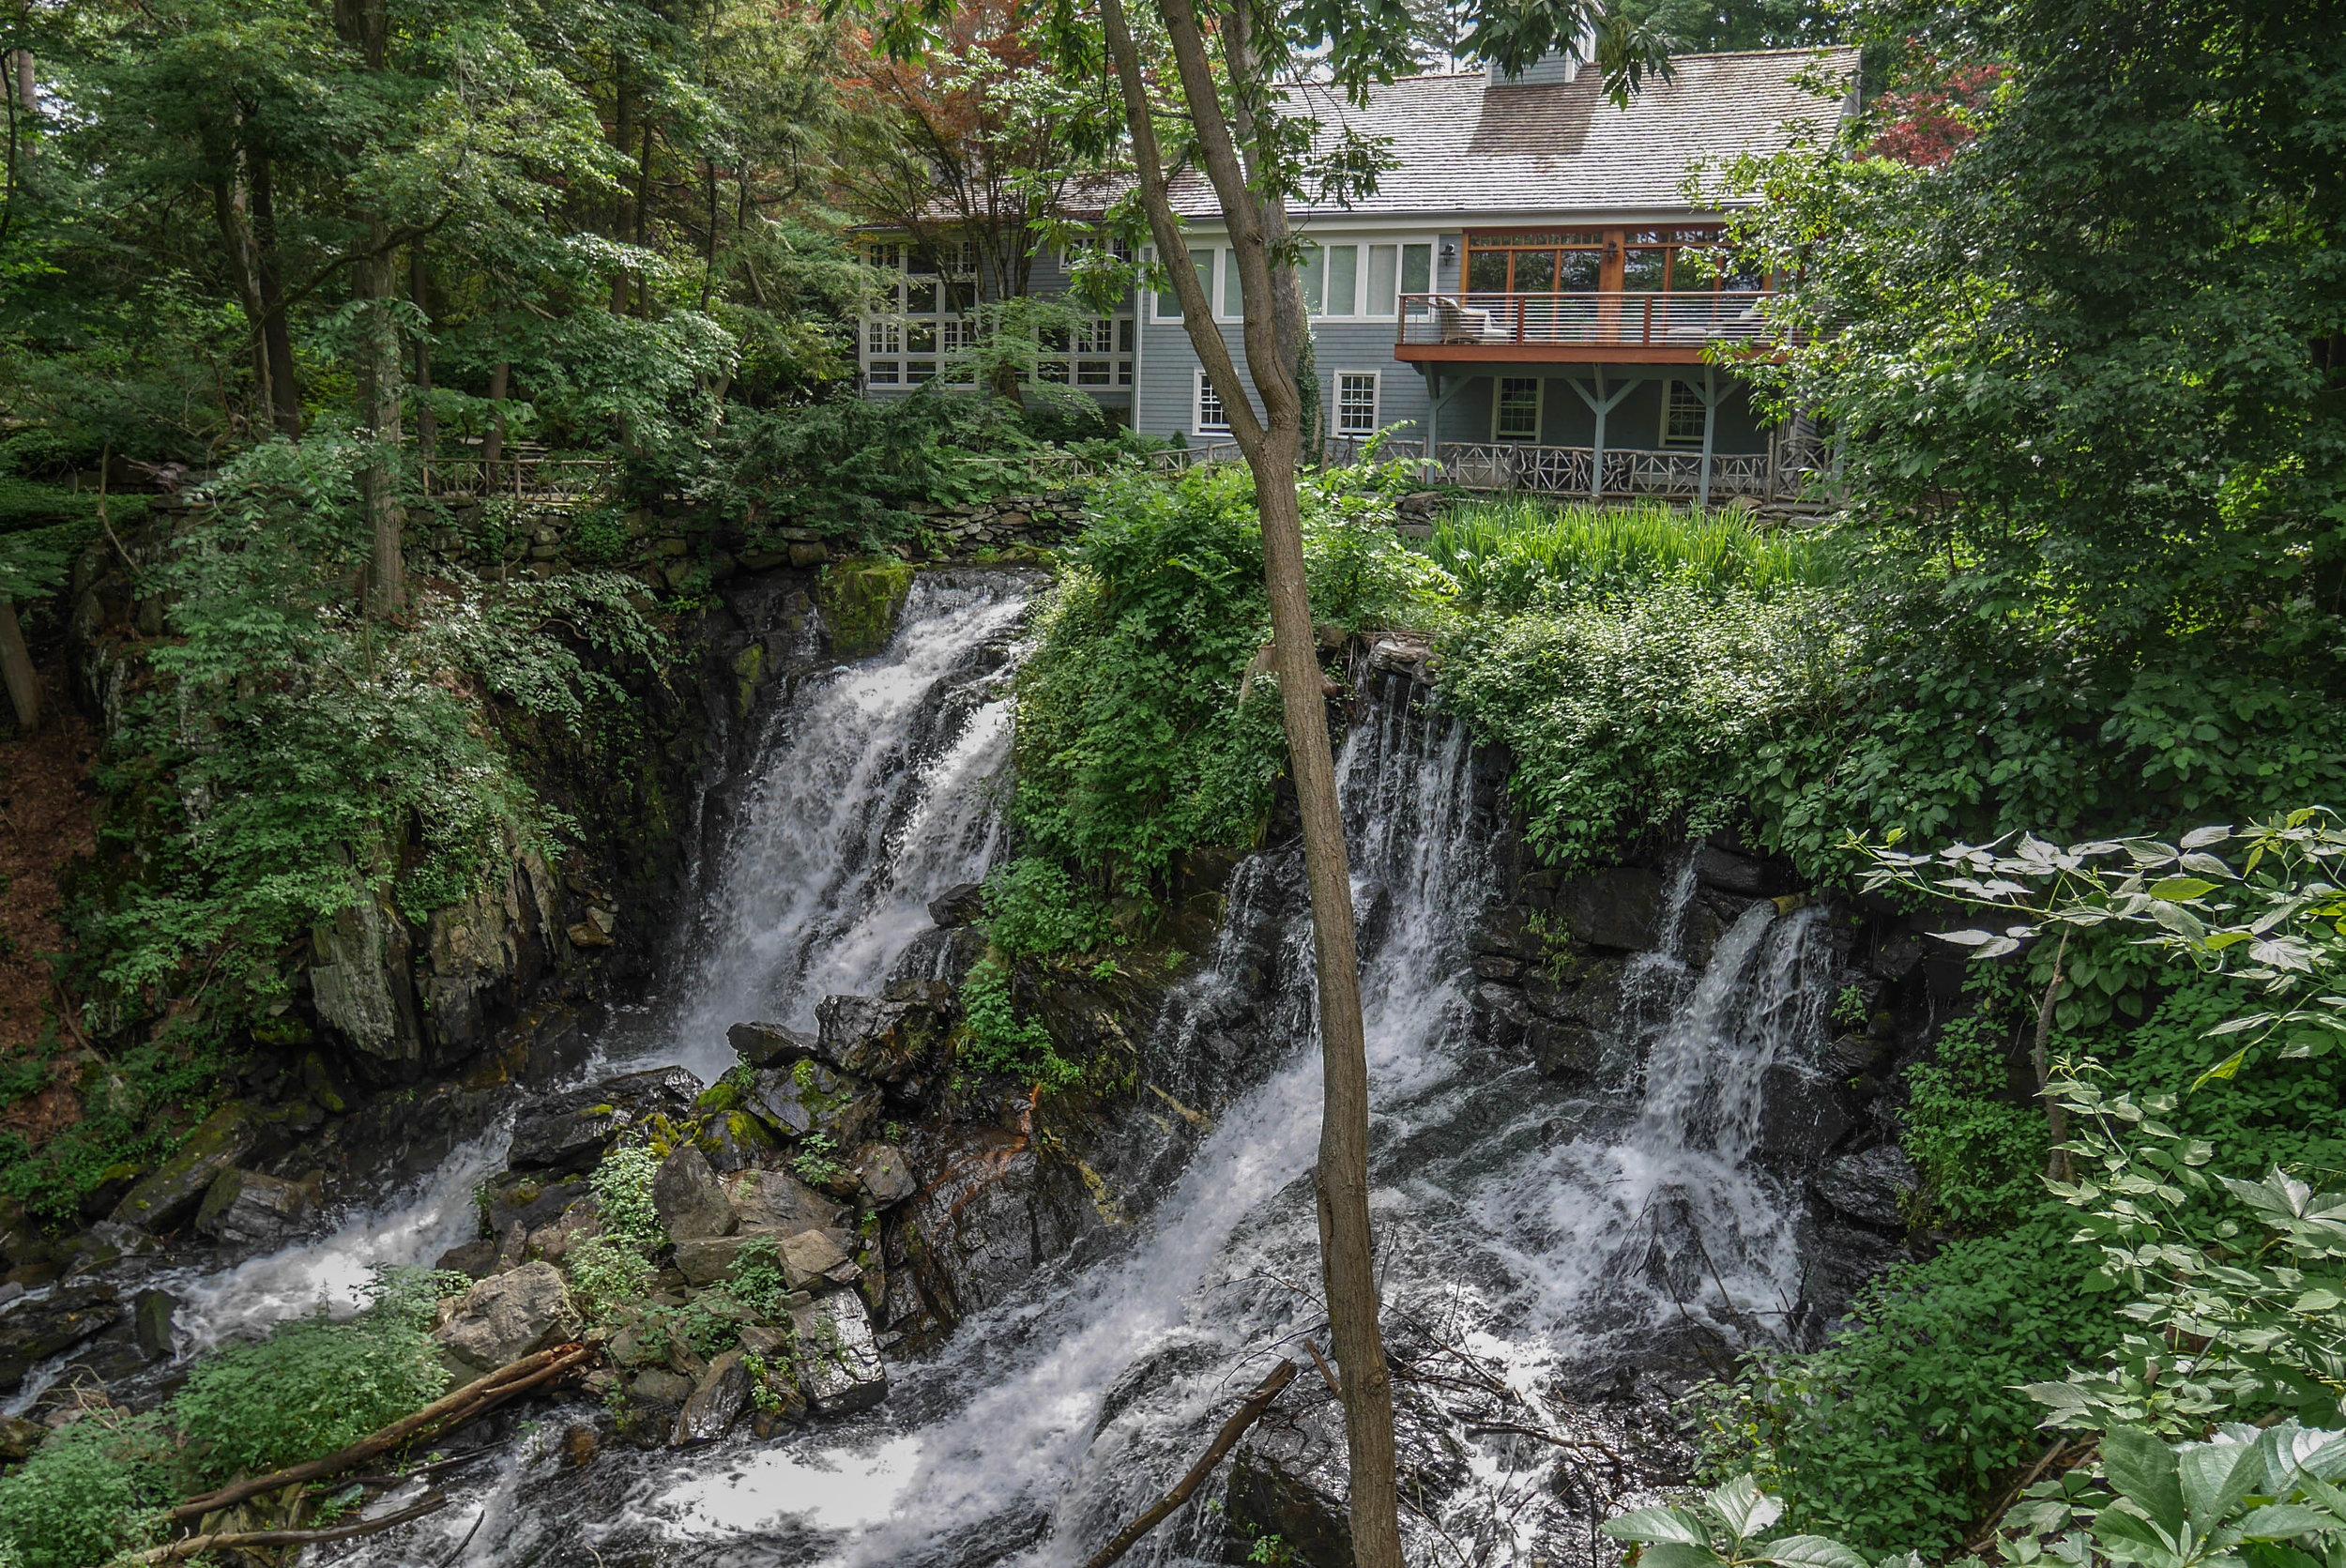 The Aspetuck Falls - New Preston, CT